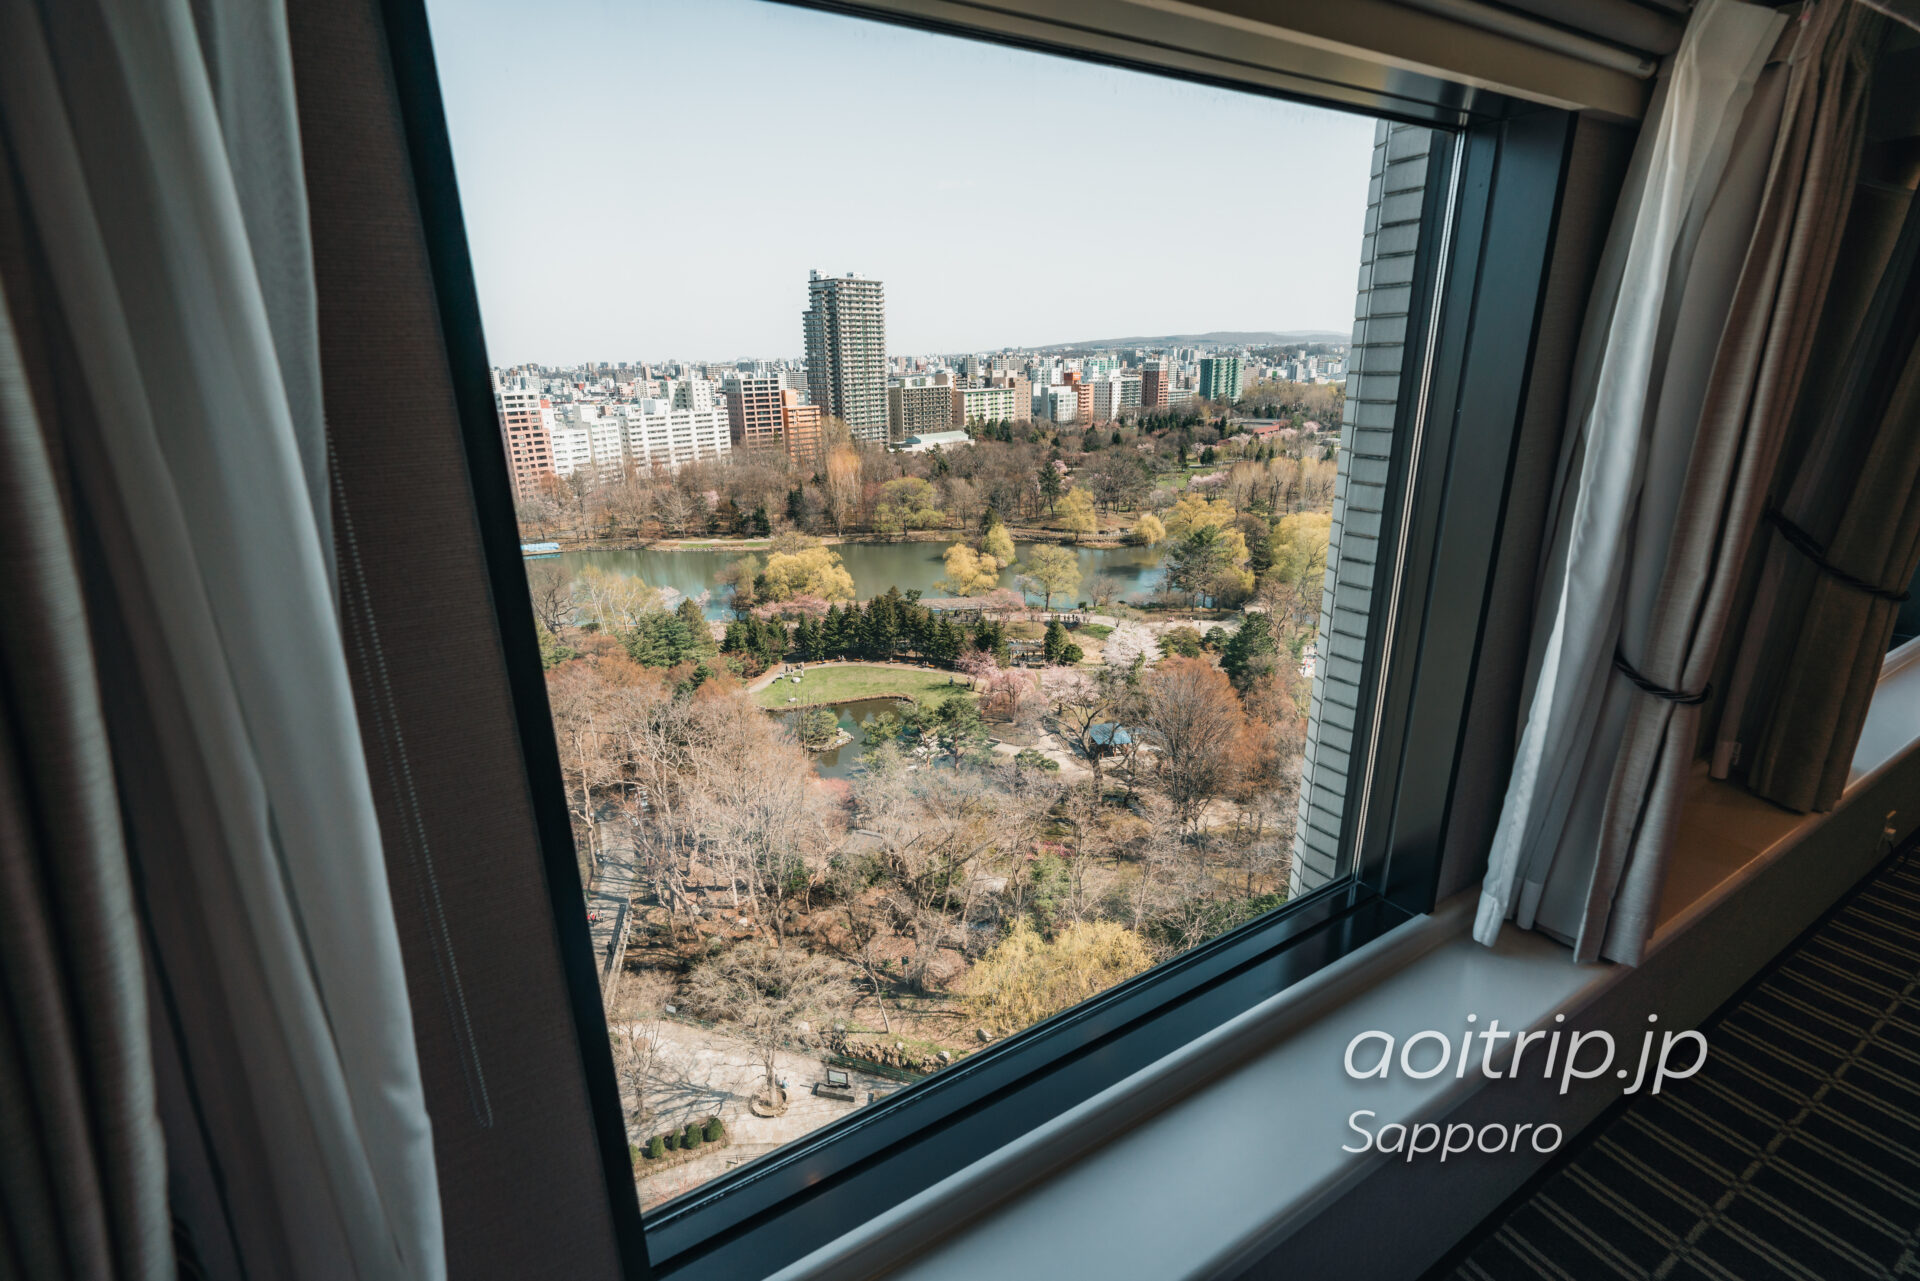 プレミアホテル中島公園 札幌 客室デラックスダブルから望む中島公園の眺望